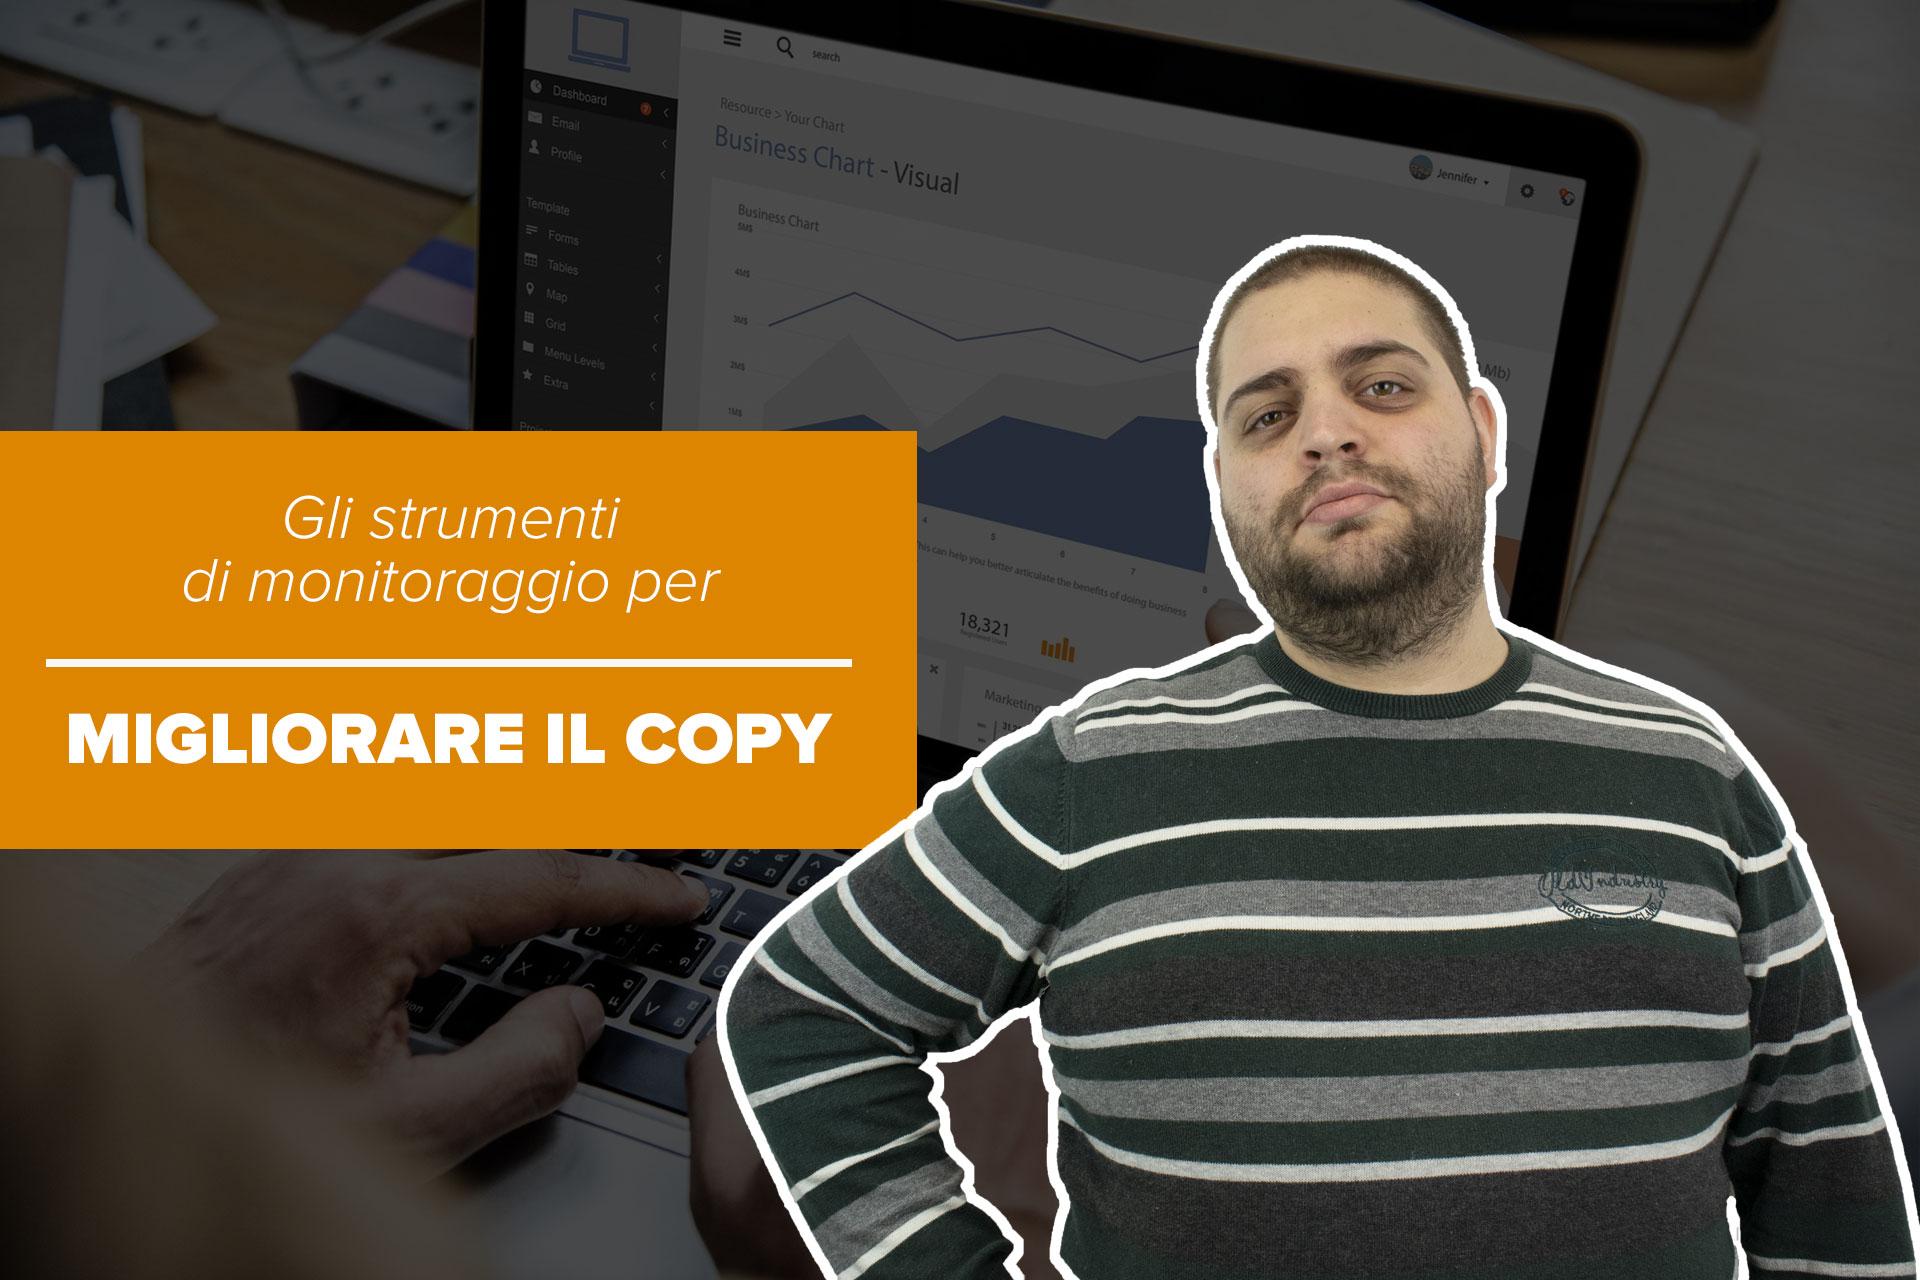 Gli strumenti di monitoraggio per migliorare il copywriting